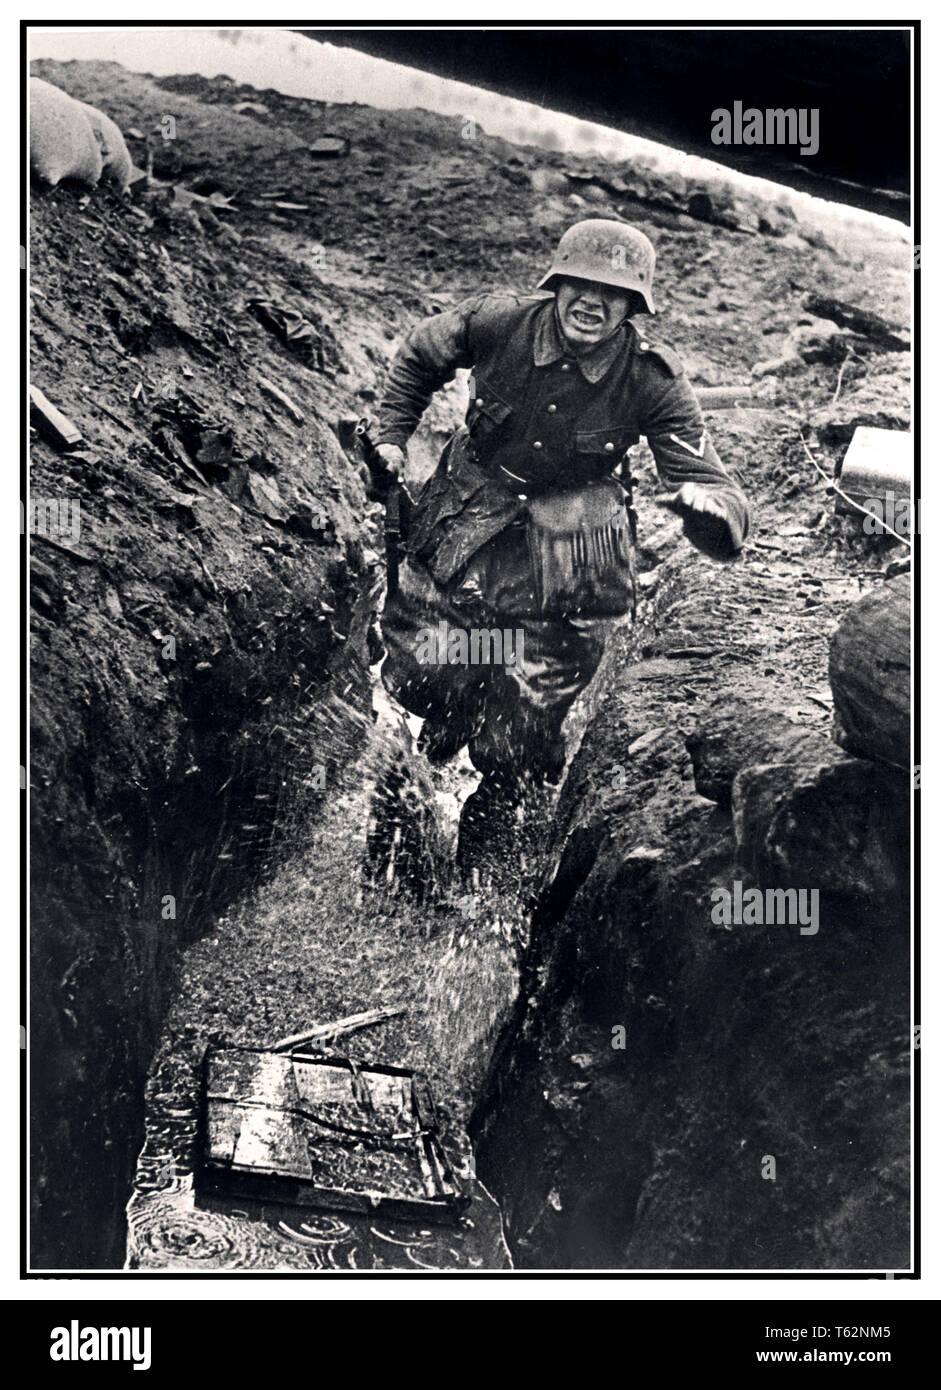 WW2 alemán trincheras reportaje notable imagen de la Alemania Nazi Wehrmacht Ejército messenger corriendo en la lluvia empapó zanja húmeda. El Frente Oriental. El frente oriental de la Segunda Guerra Mundial fue un conflicto entre la Alemania nazi y la Unión Soviética de 1941 a 1945. Imagen De Stock